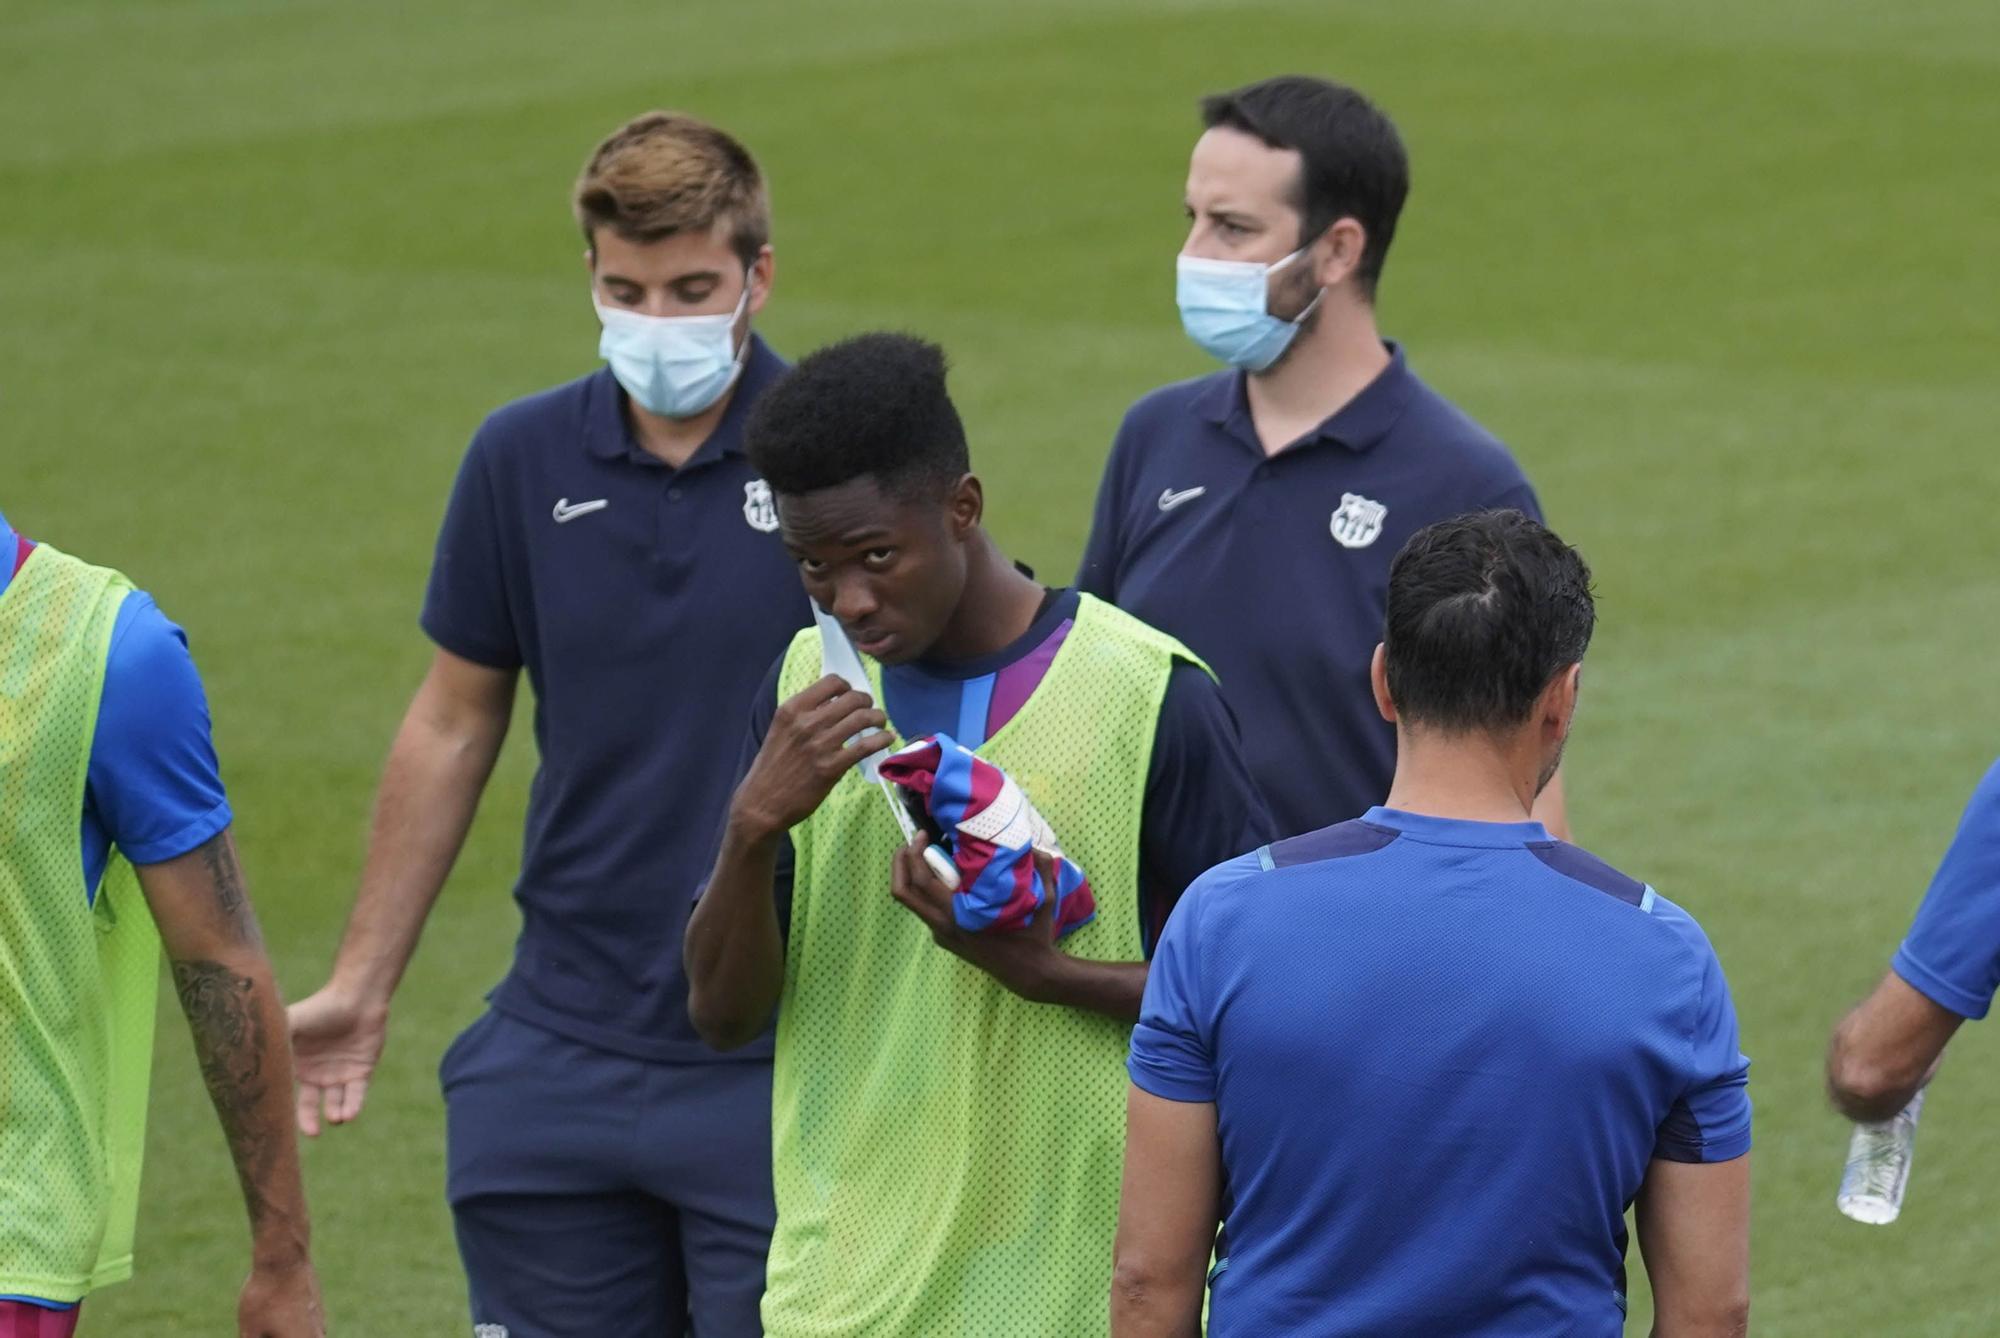 El Girona - Barça B en imatges